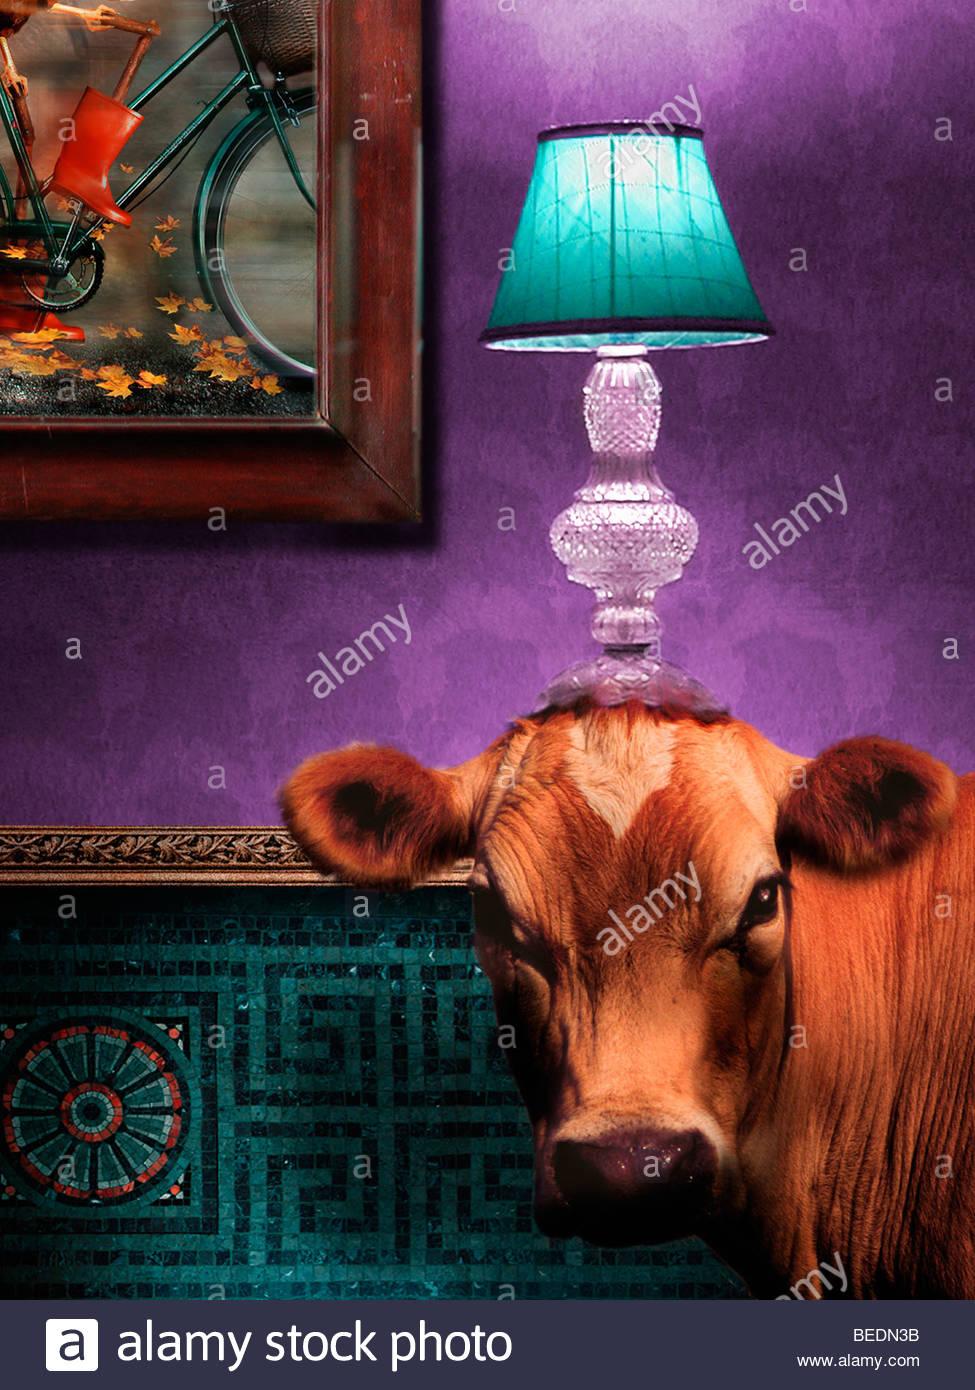 Vache dans un salon avec une lampe sur la tête Banque D'Images